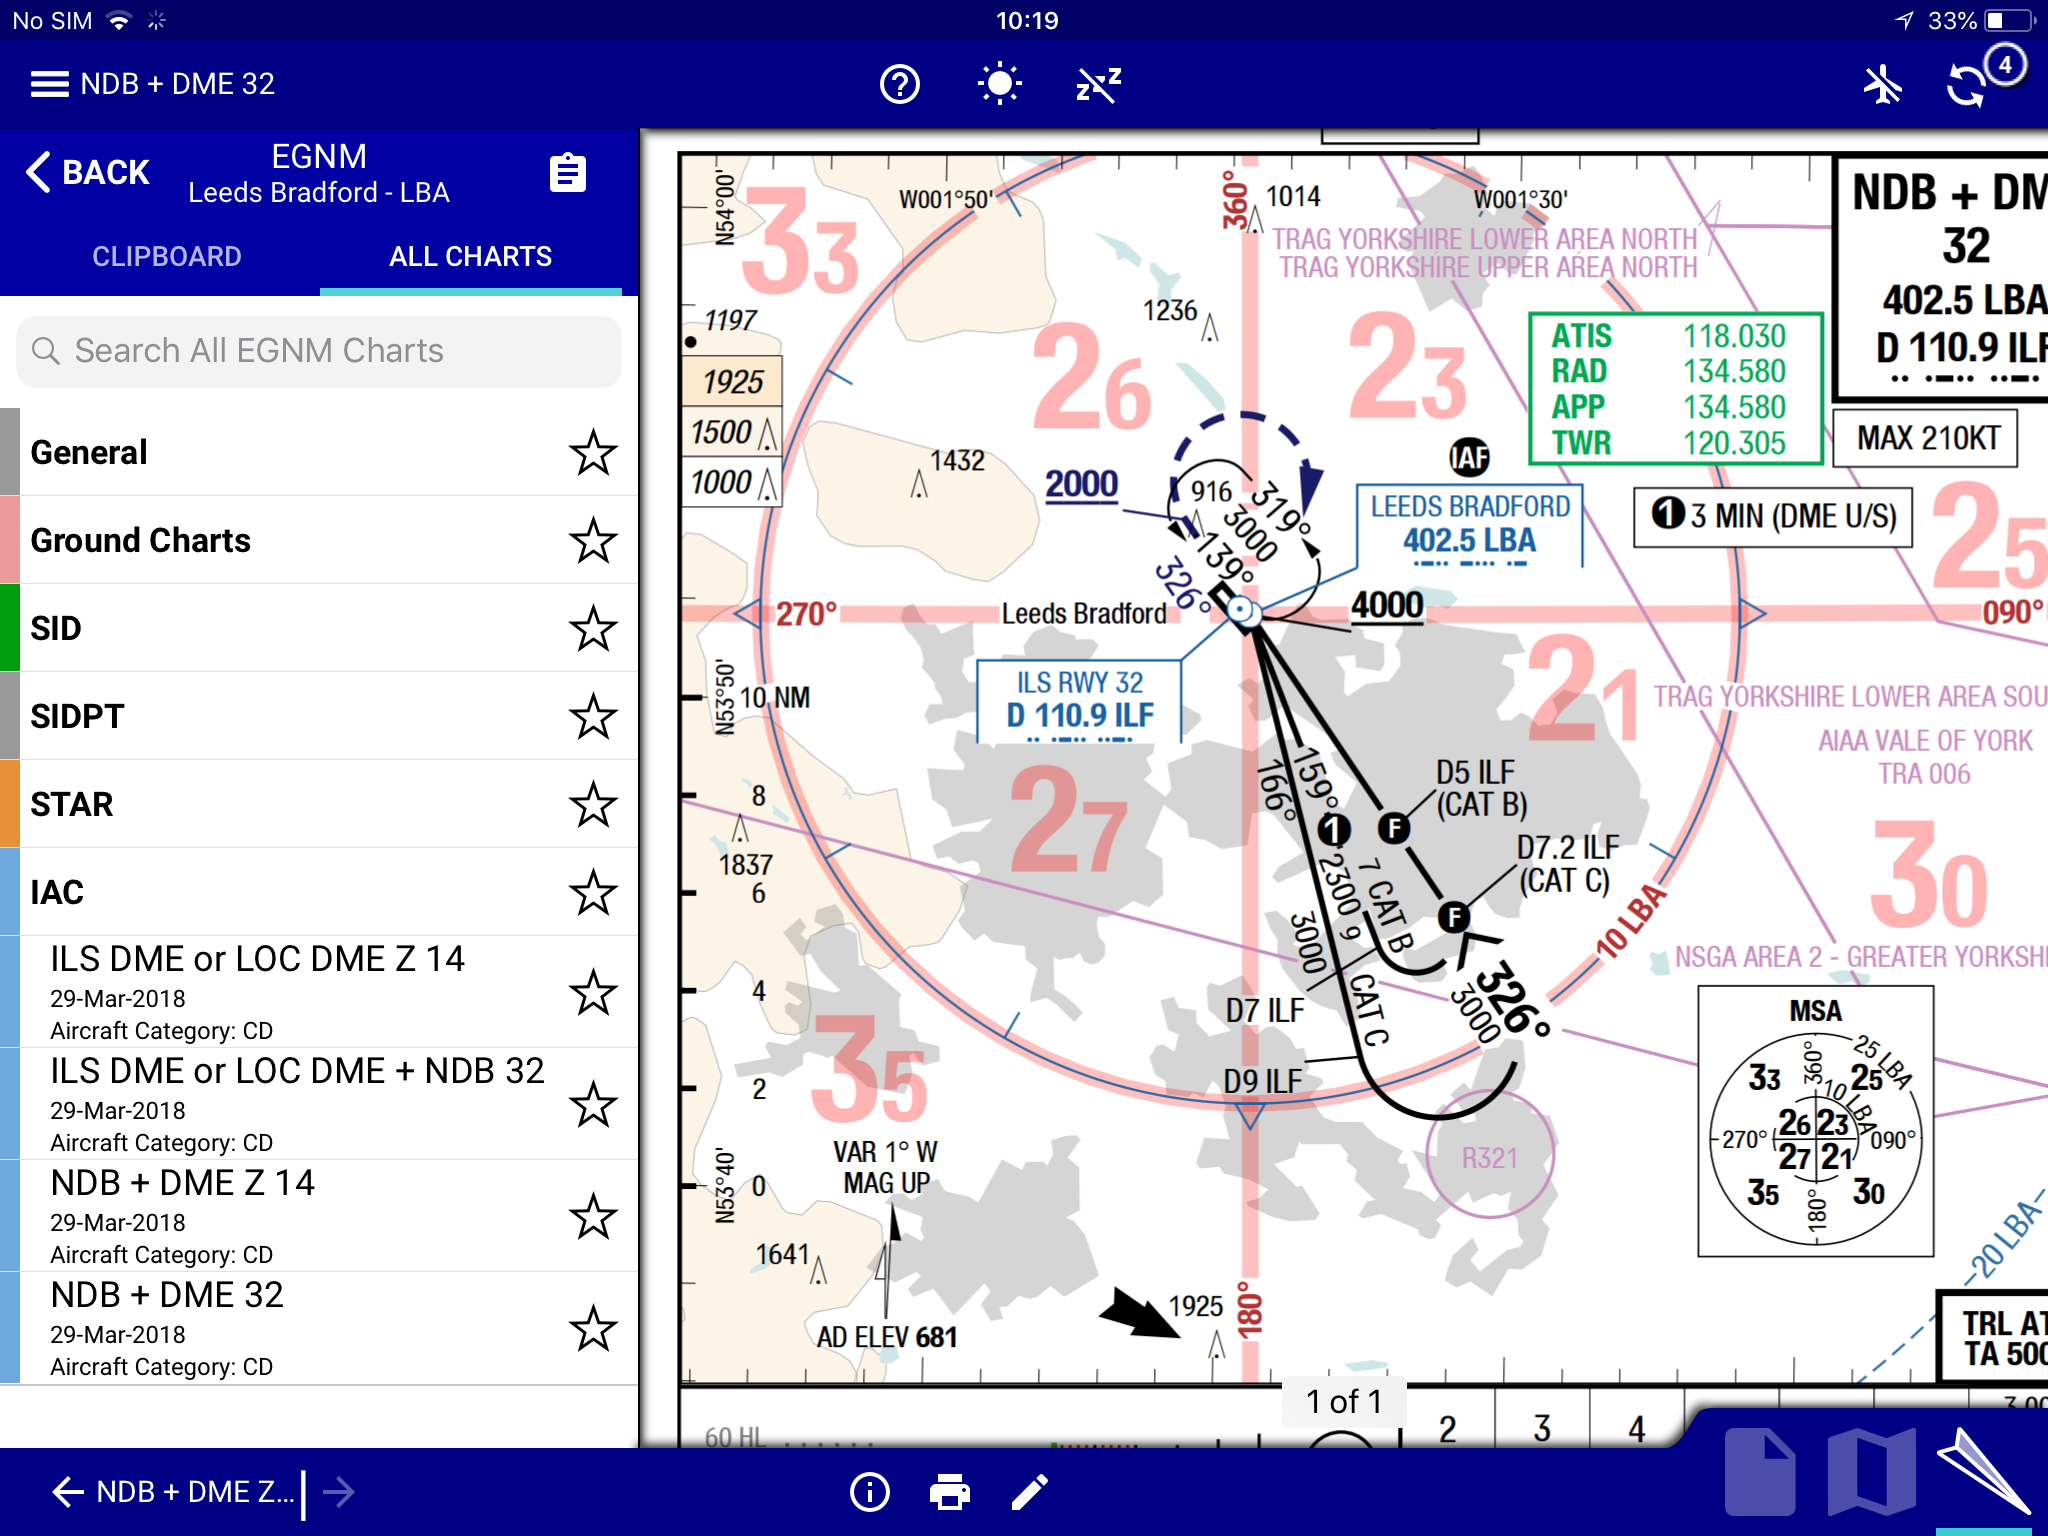 748A9D72-169E-426D-B67B-B90E8D68D12D.png